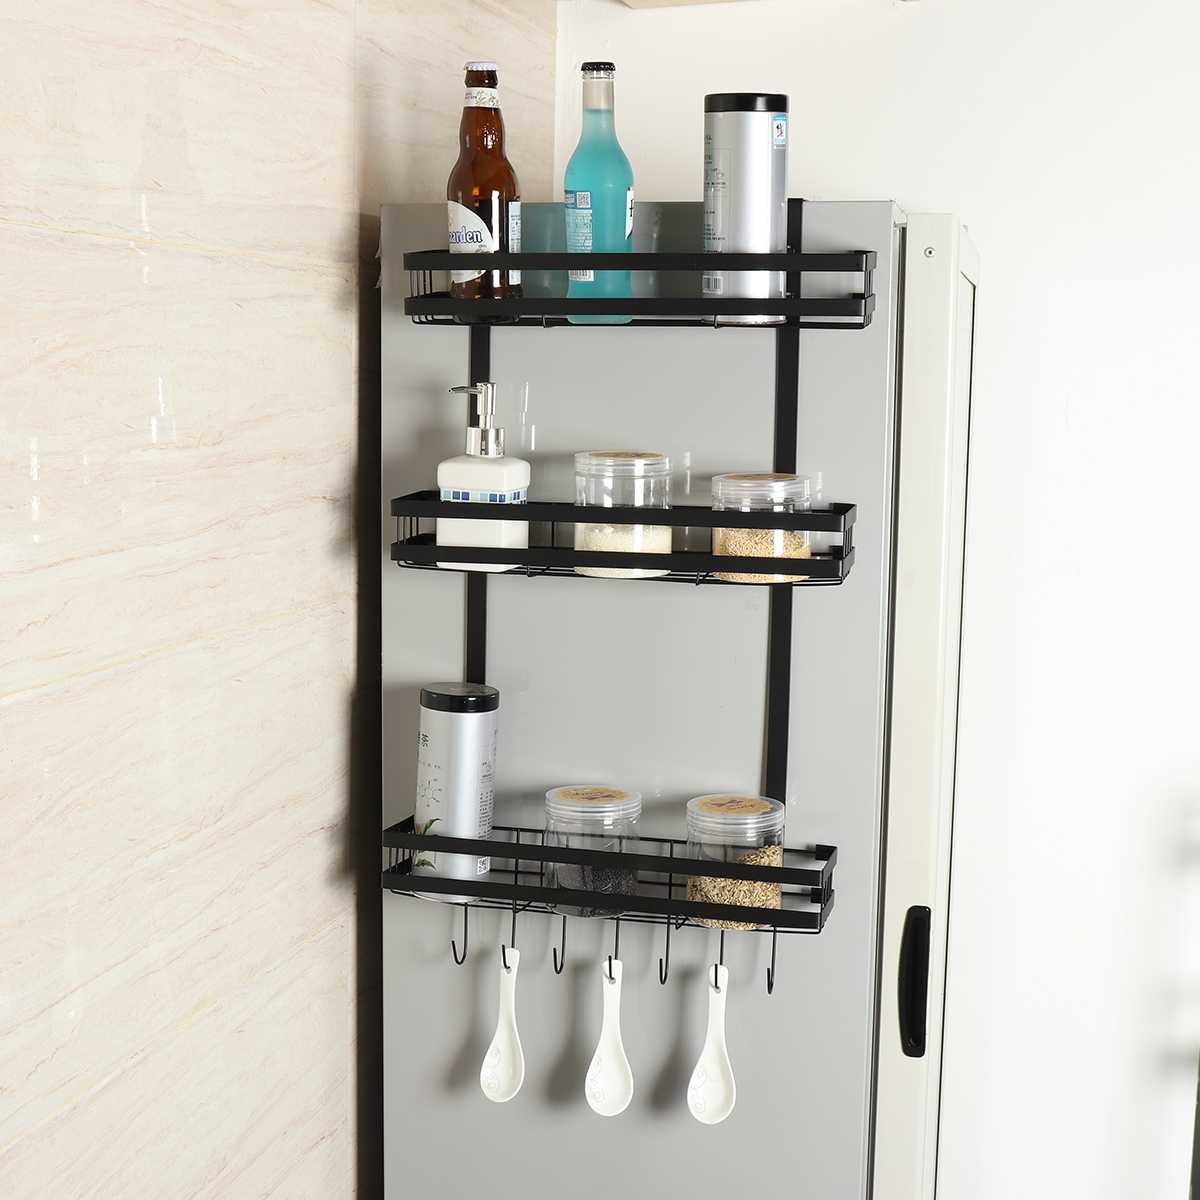 Soporte para colgar en la pared lateral del refrigerador, Ahorrador de Espacio de cocina, estante de almacenamiento para refrigerador, estante organizador multifuncional